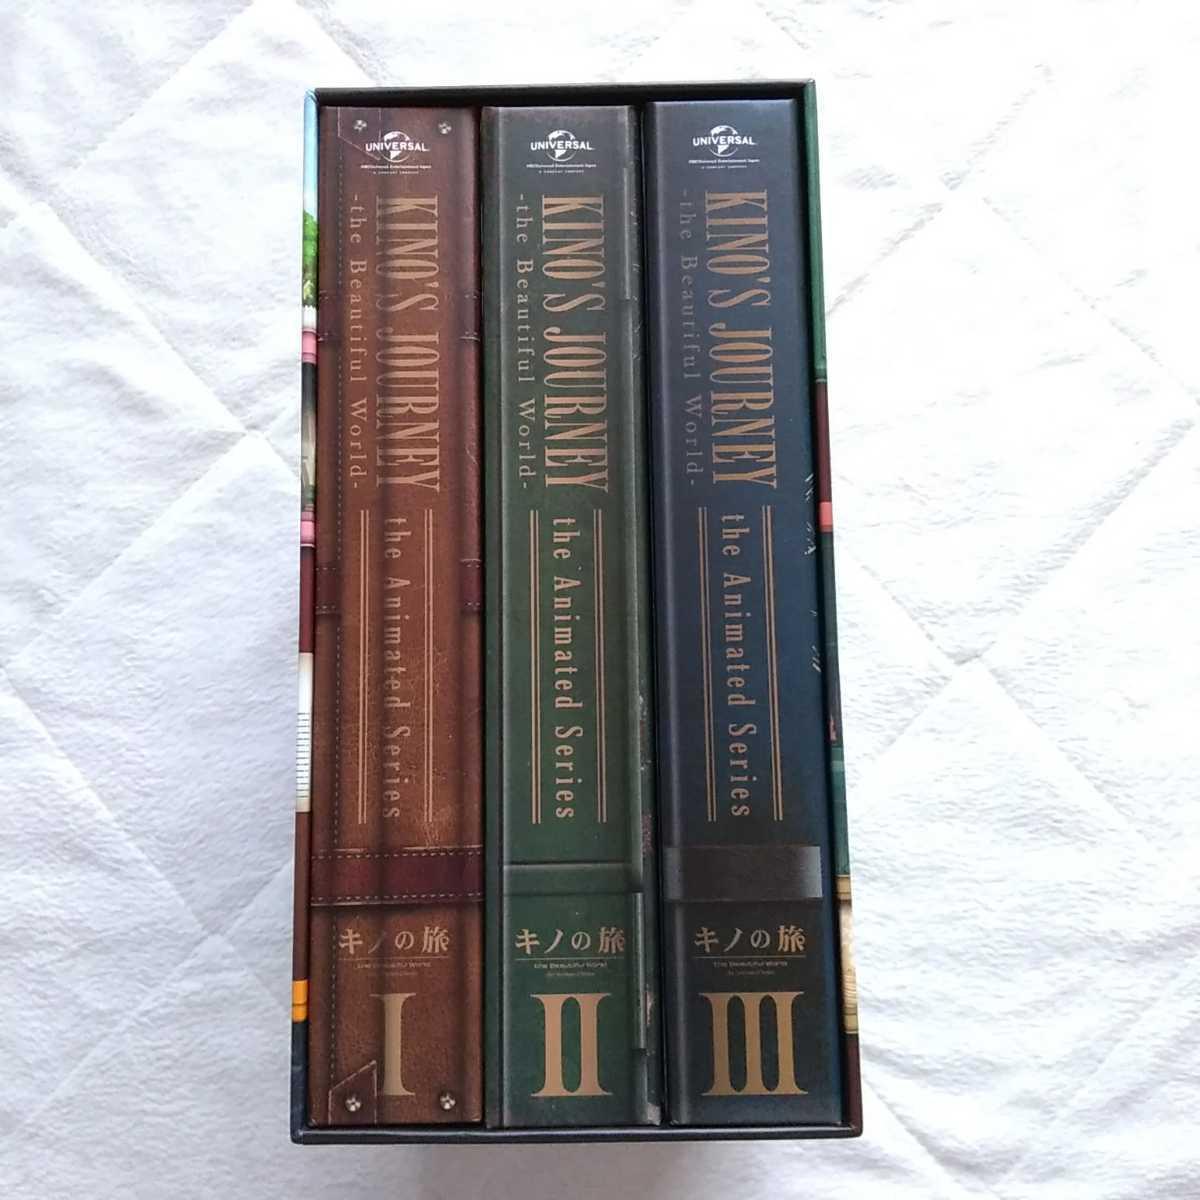 キノの旅 the Animated Series Blu-ray ブルーレイ